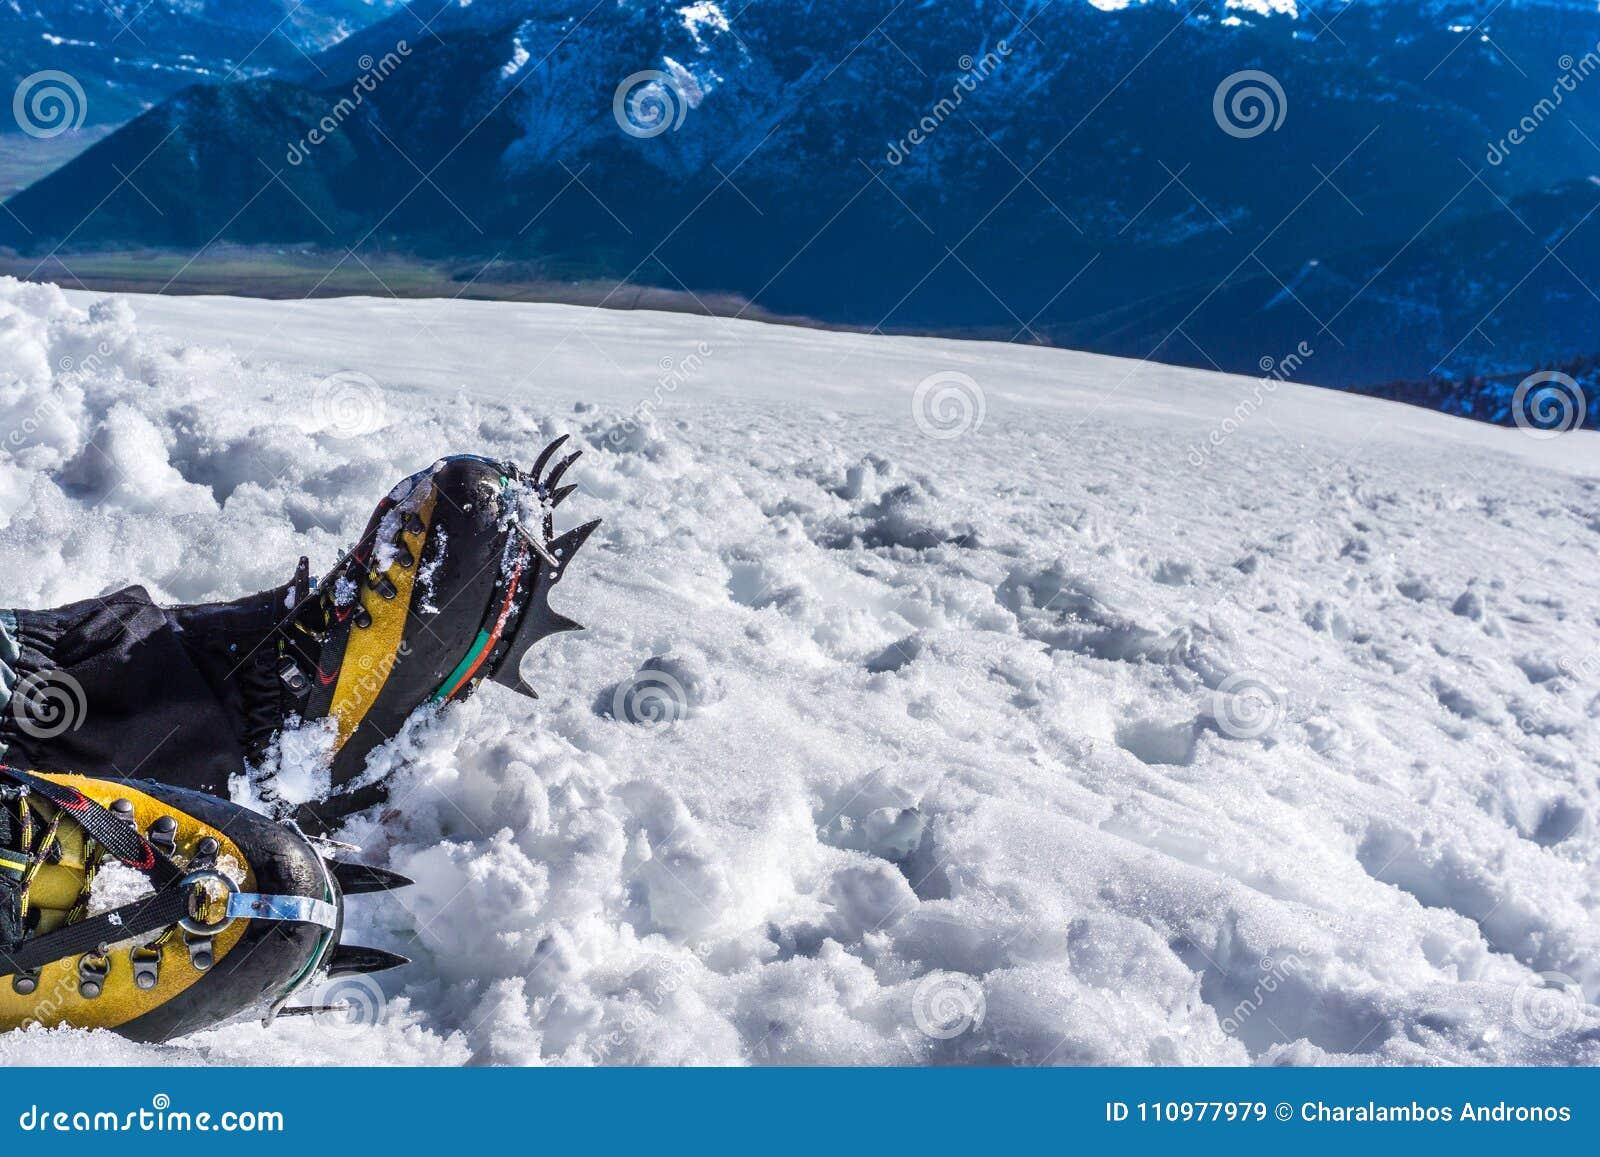 De ijskrappen sluiten omhoog voor extreme wandeling op sneeuw behandelde bergen